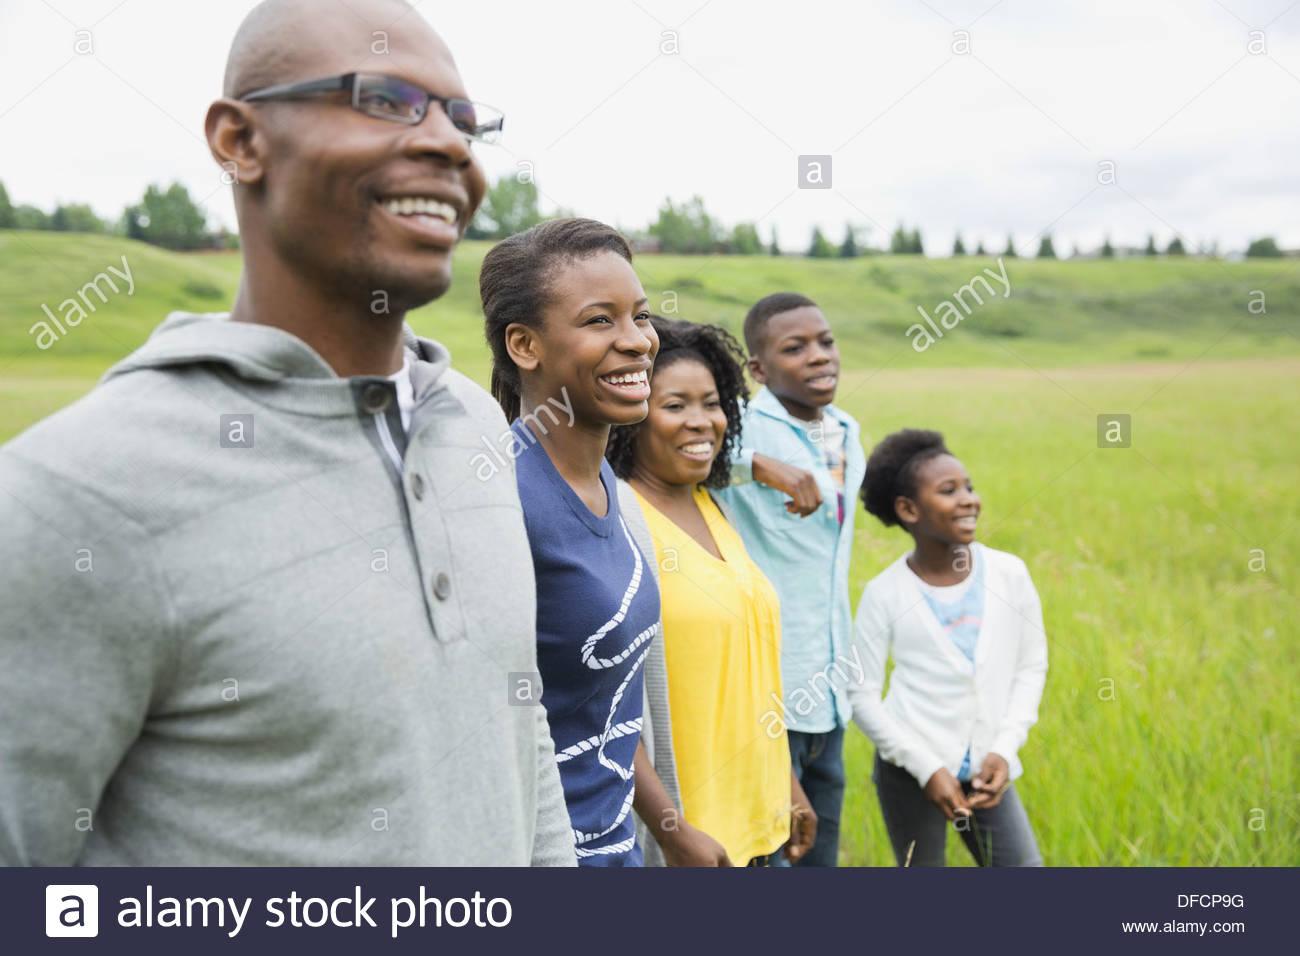 Famiglia di cinque persone in piedi insieme nel campo Immagini Stock